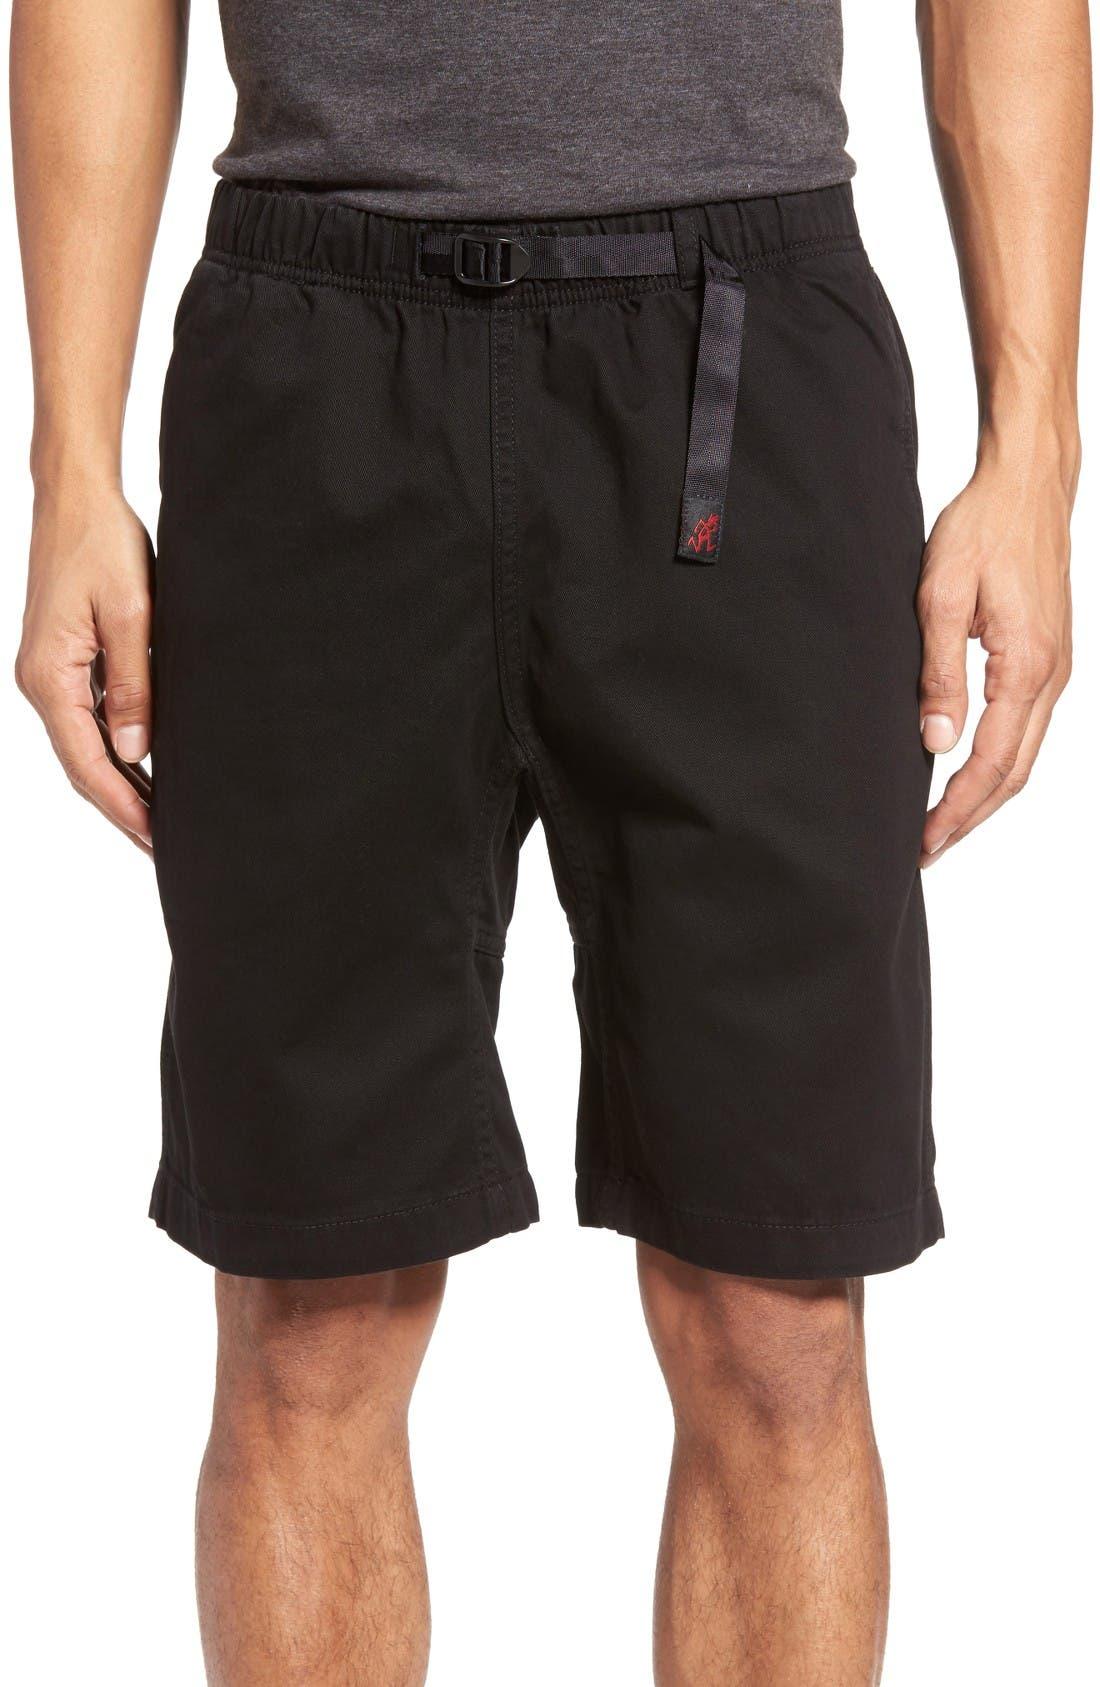 Main Image - Gramicci Rockin Sport Shorts